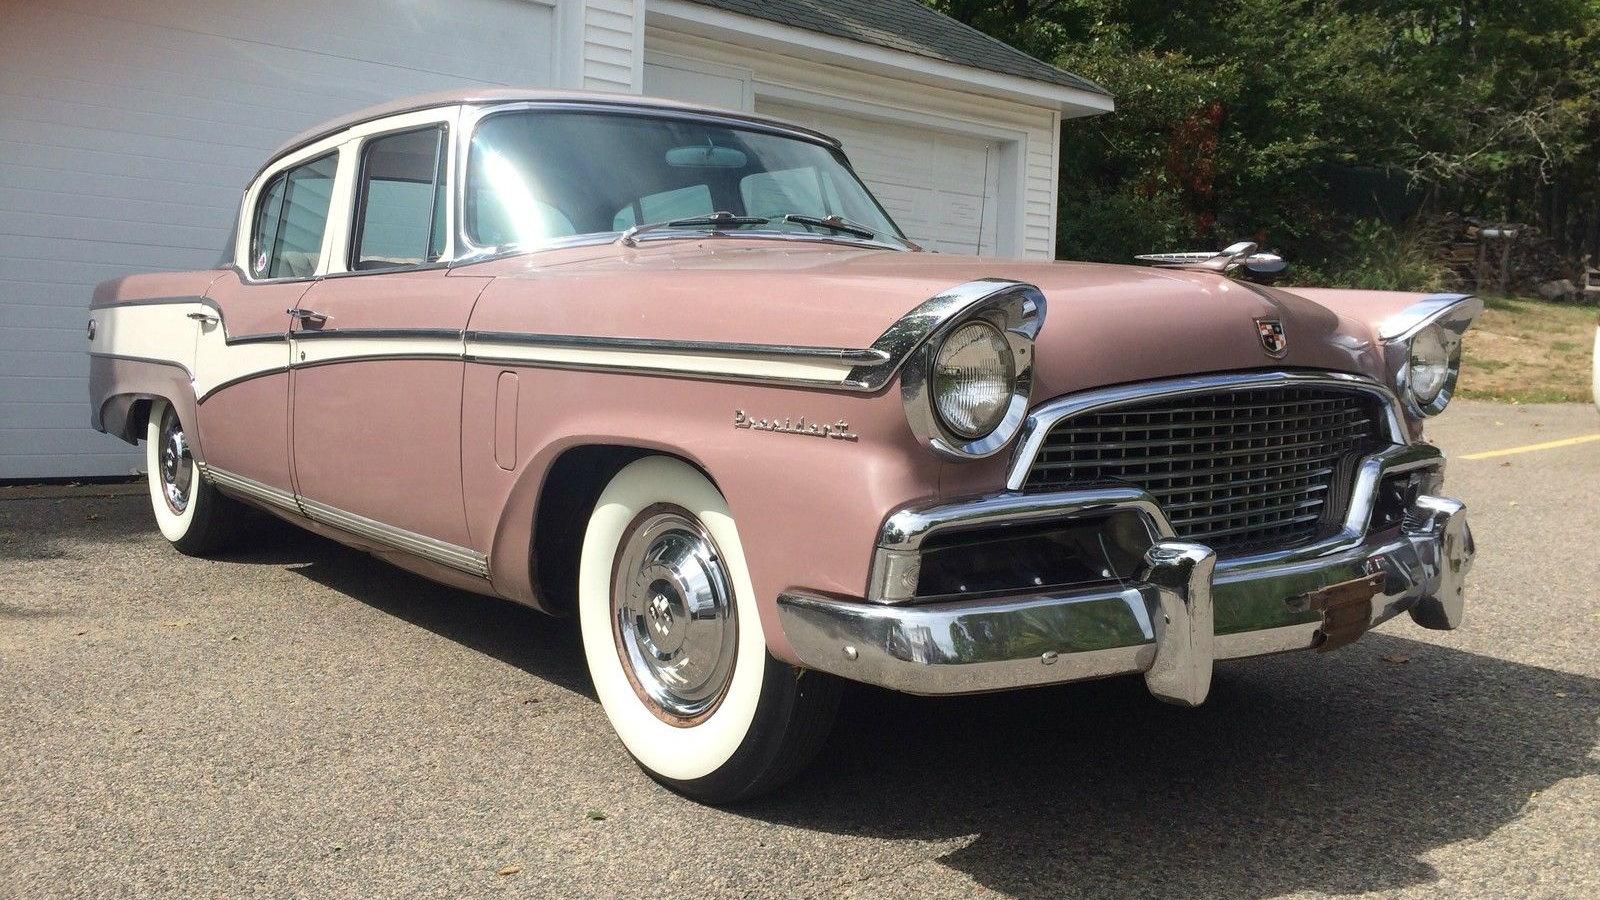 Maybe The Same? 1956 Studebaker President